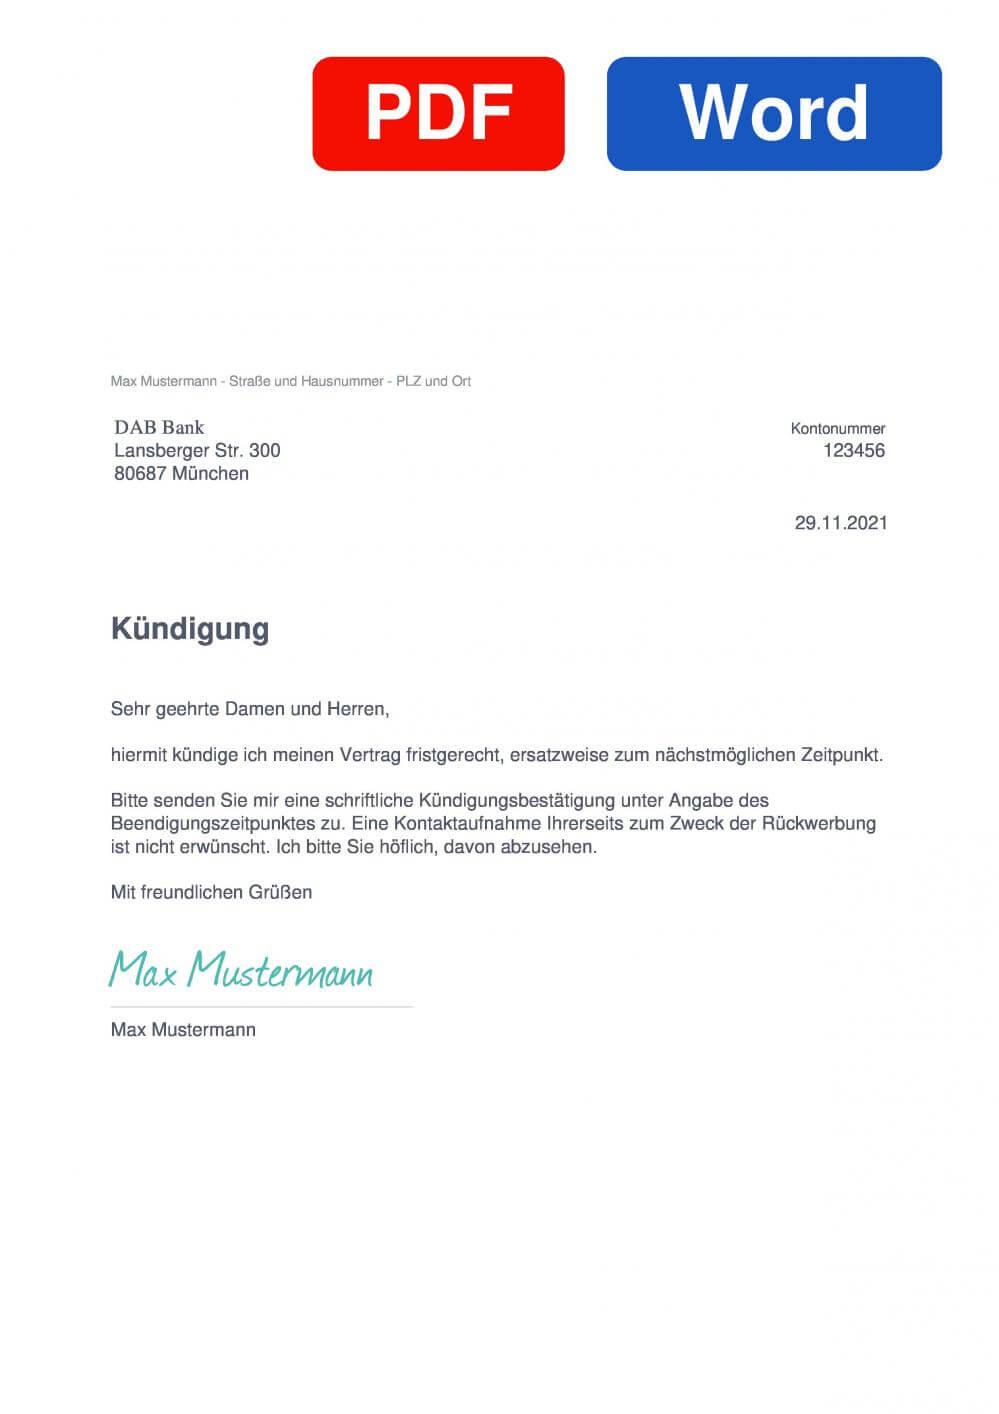 DAB Bank Muster Vorlage für Kündigungsschreiben